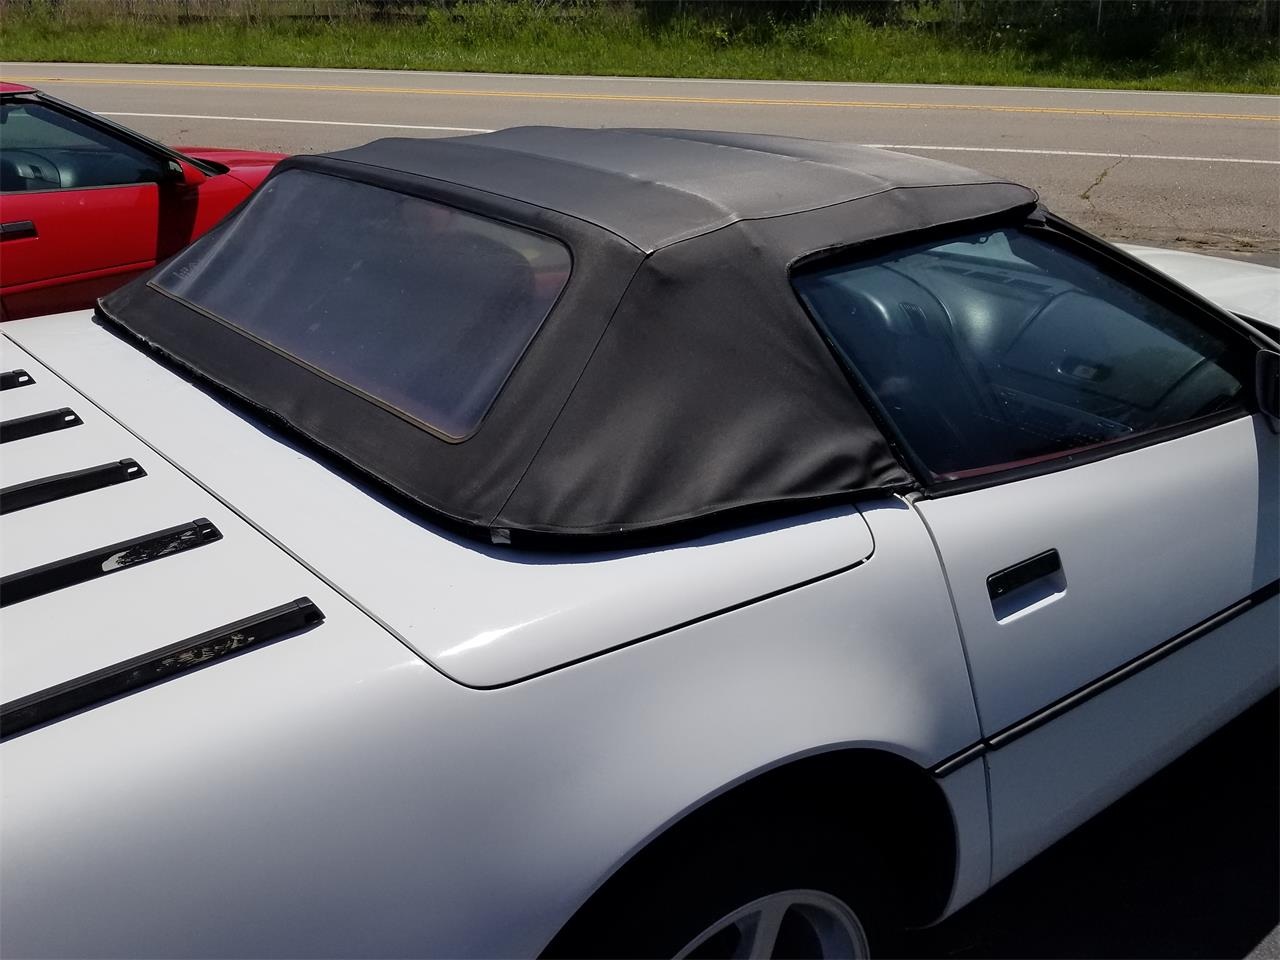 Large Picture of '90 Chevrolet Corvette - $8,500.00 - QKKM